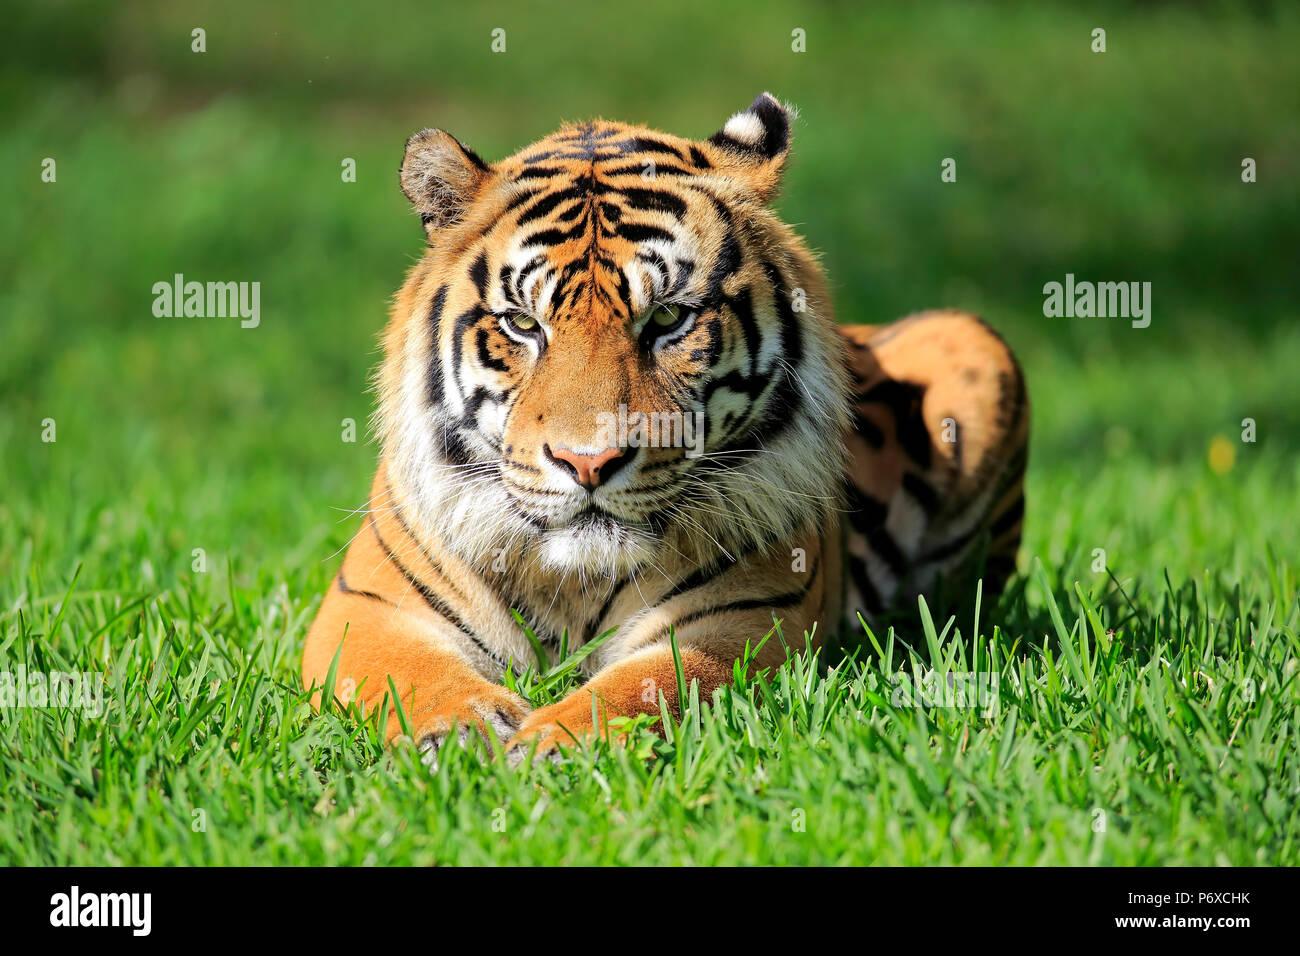 Tigre de Sumatra, mâle adulte, Sumatra, d'Asie, Panthera tigris sumatrae Photo Stock